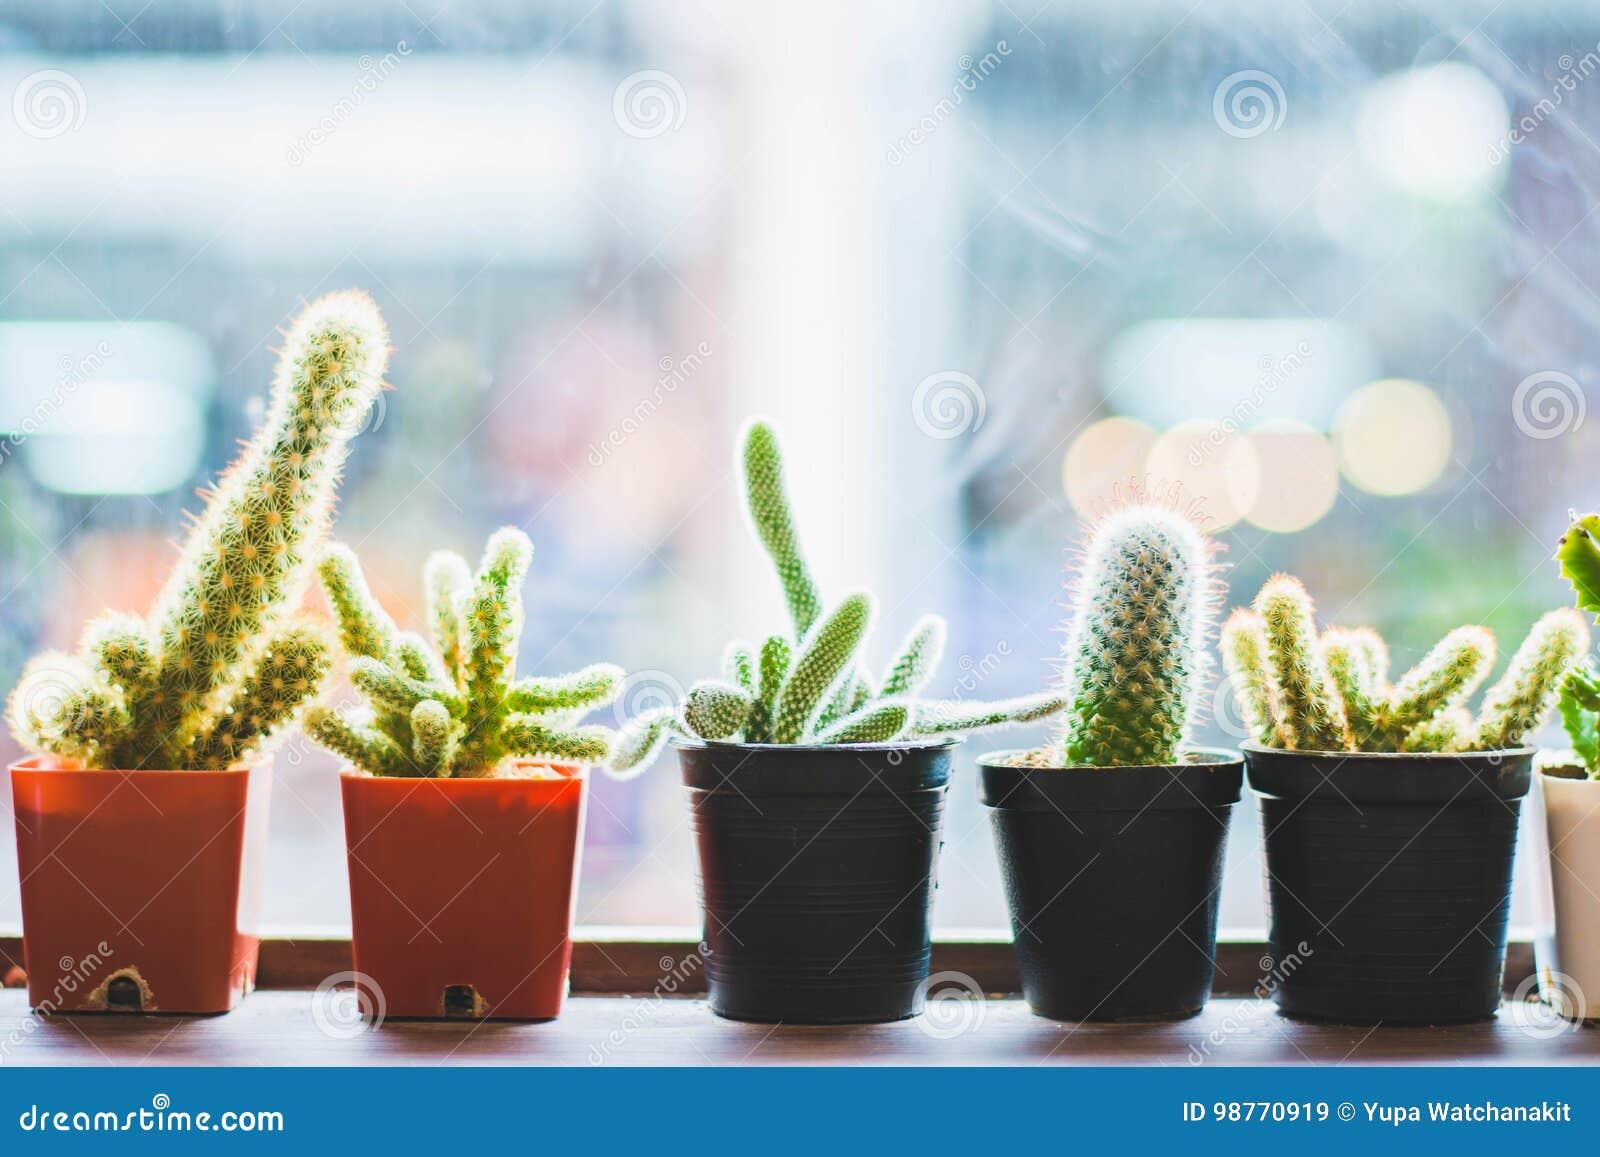 罐的仙人掌植物